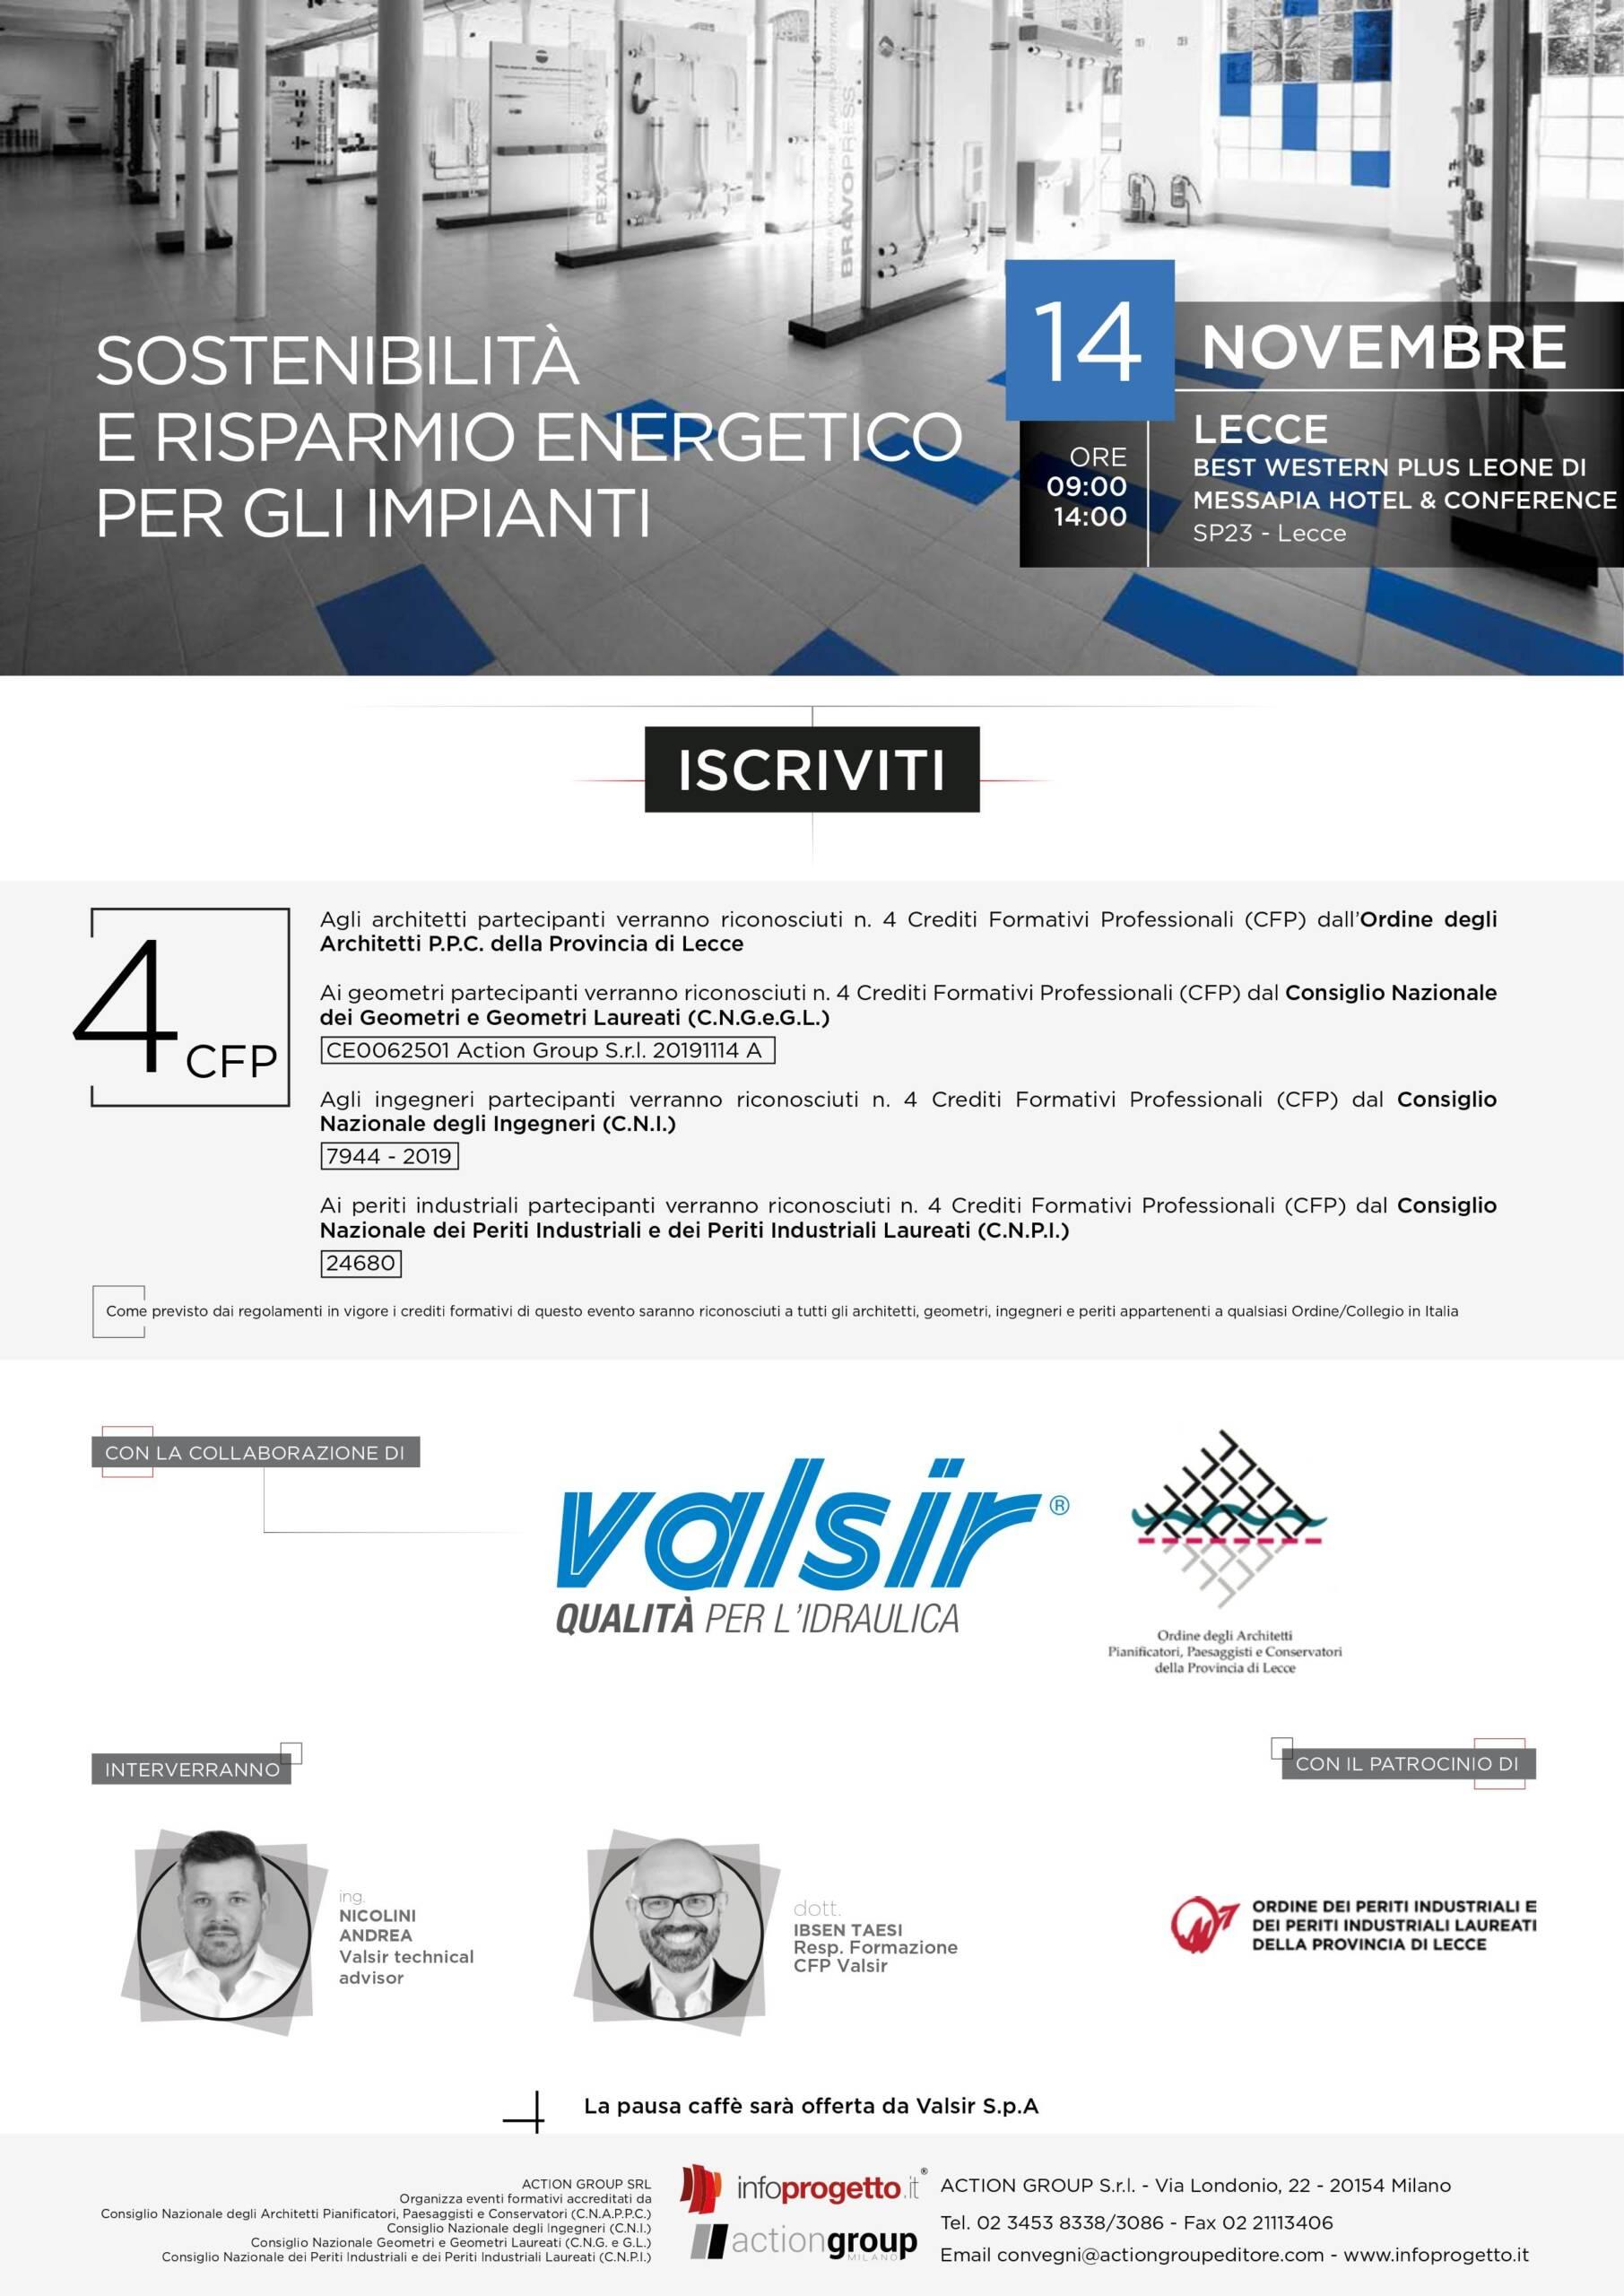 """Action Group Srl – Evento """"Sostenibilità e risparmio energetico per gli impianti"""" – Lecce 14/11/2019"""